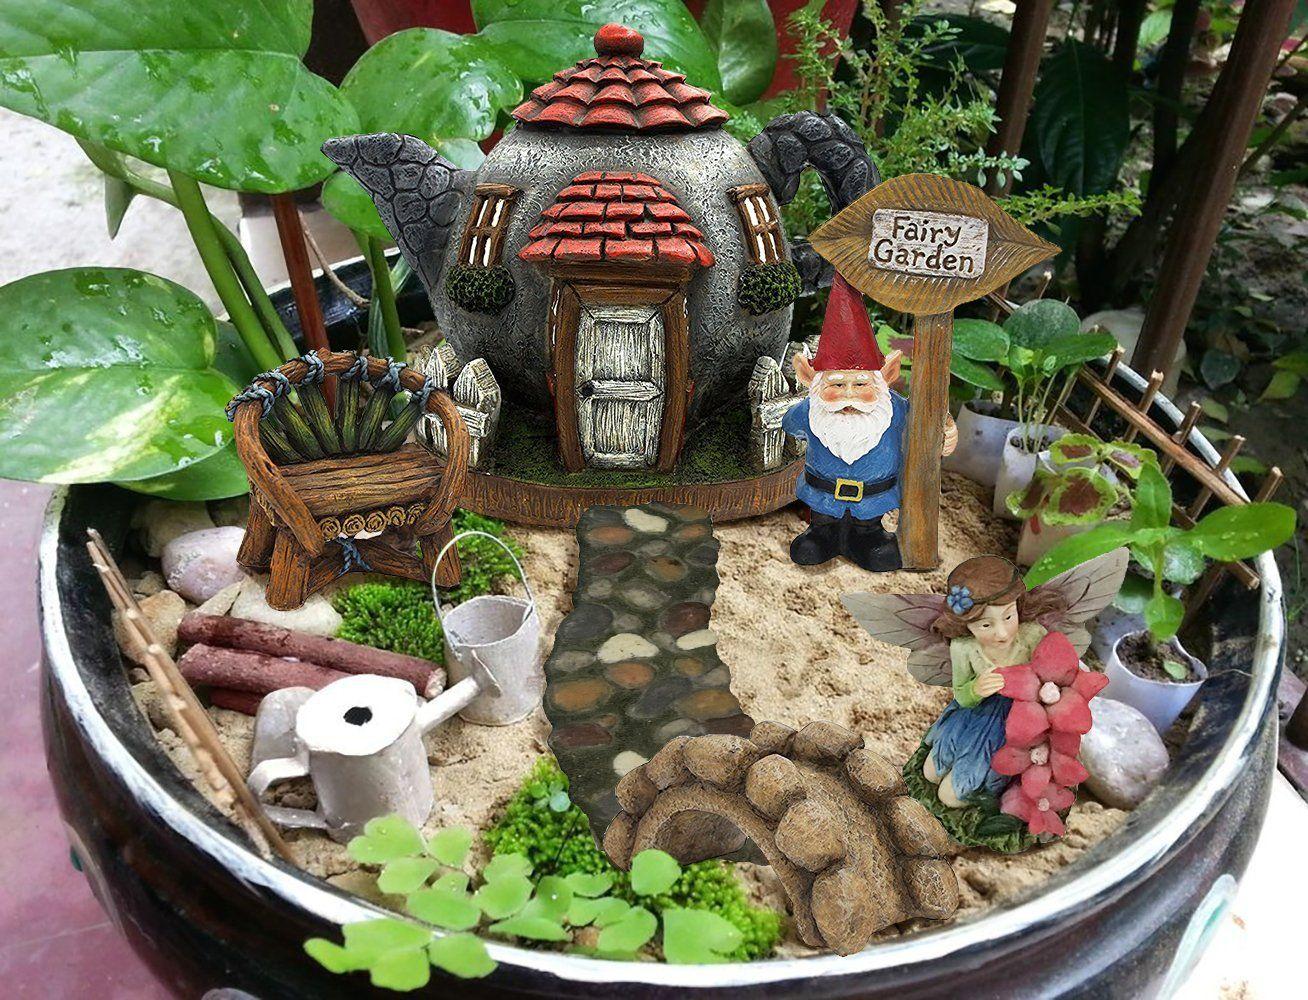 Fairy Garden Kit Gnome Village Fairy Garden Diy Fairy Garden Kit